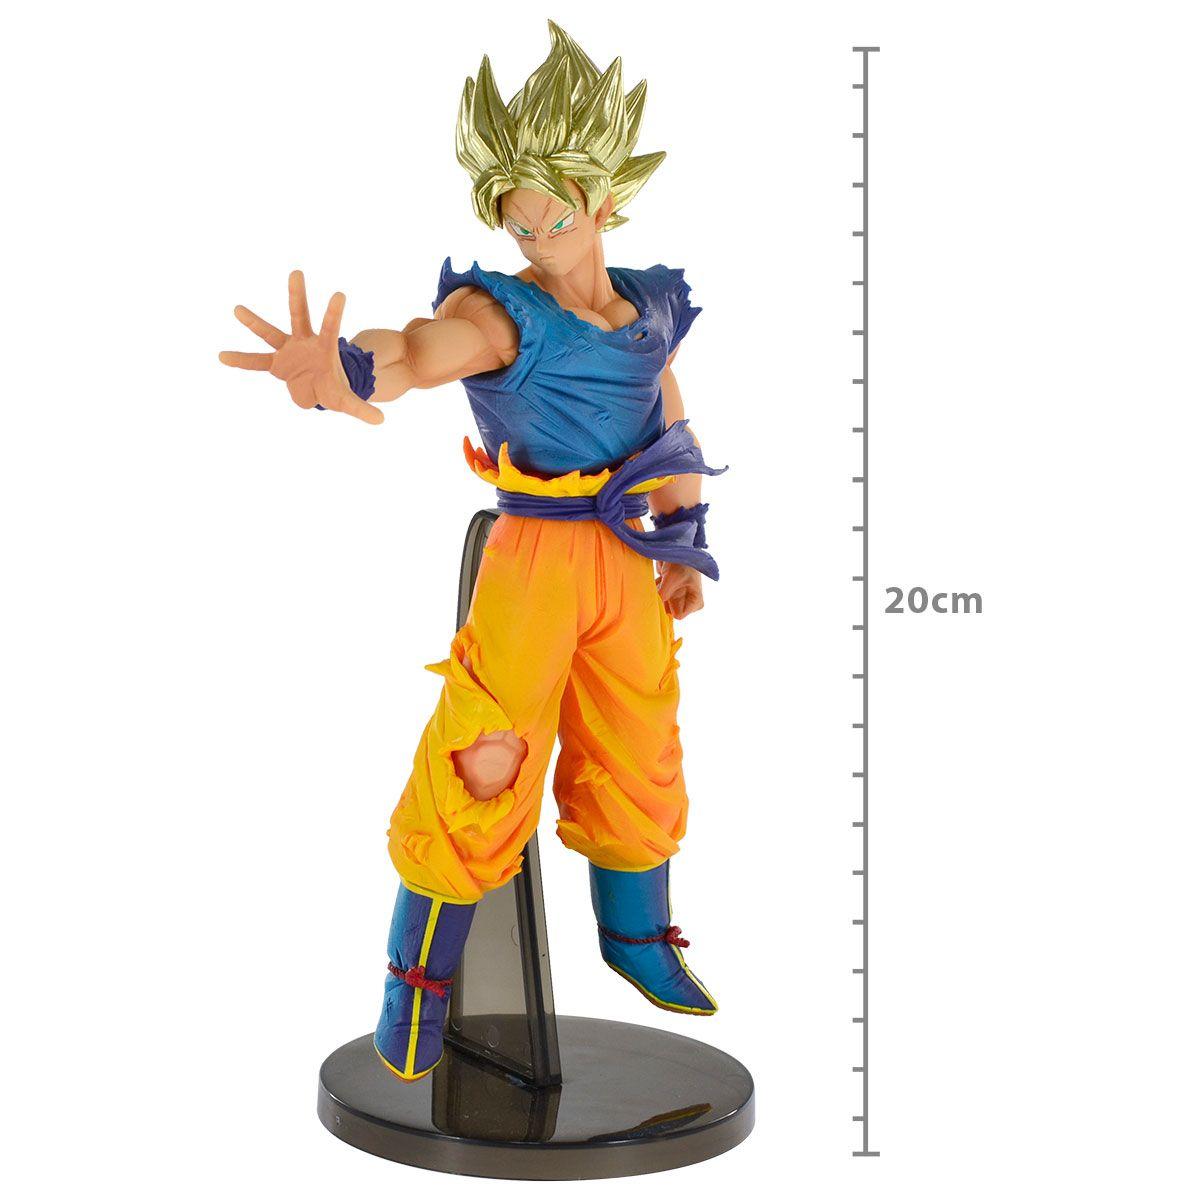 Dragon Ball Z - Son Goku Super Saiyajin - Blood of Saiyans - Bandai Banpresto